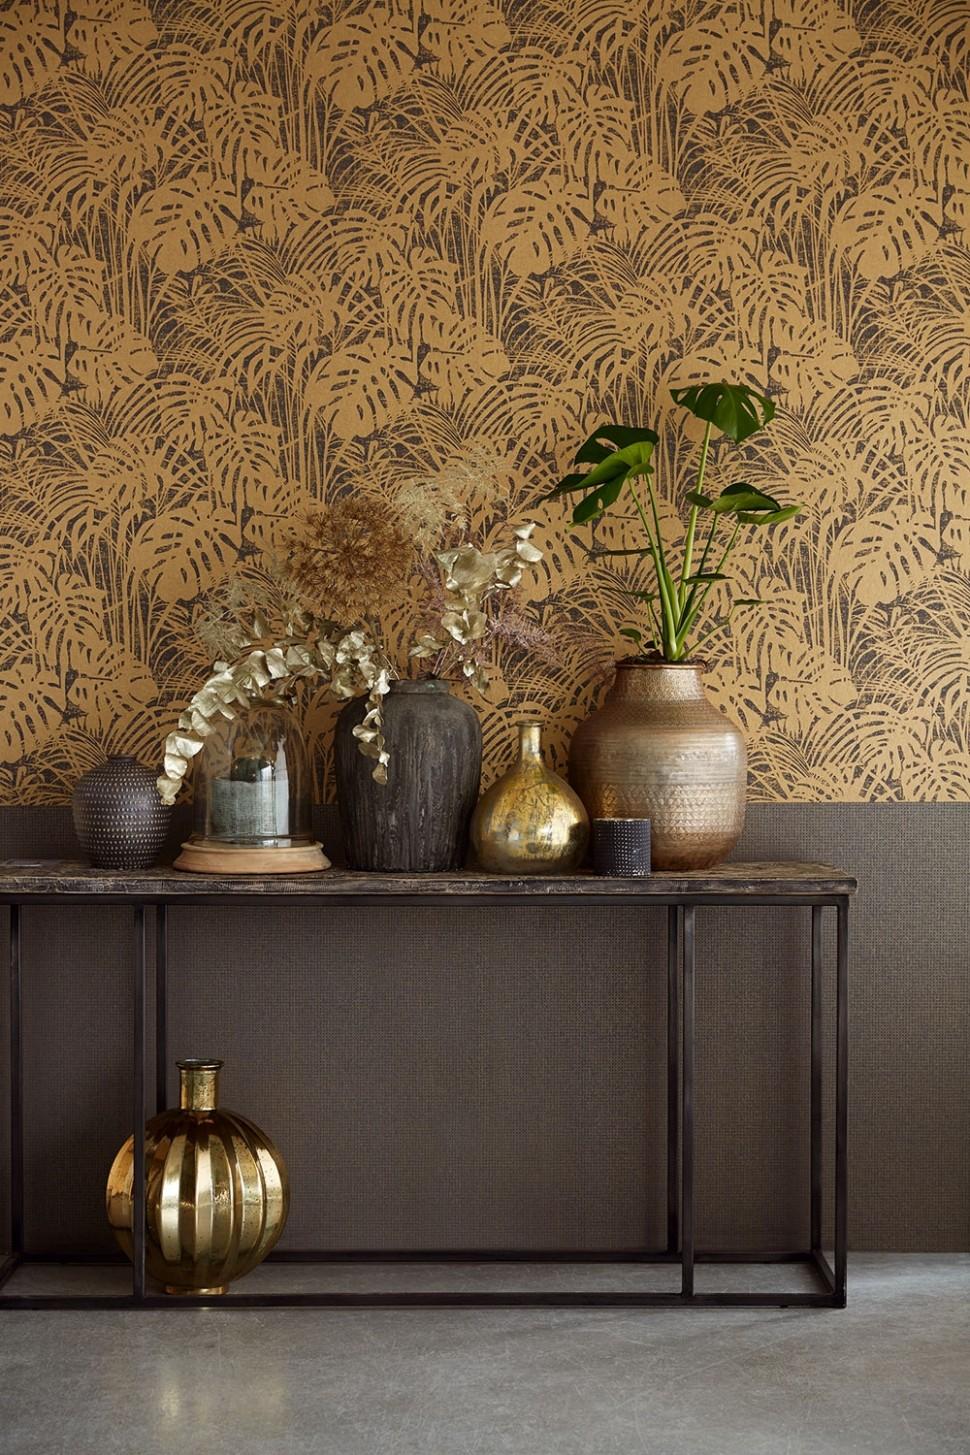 8+ Nejlepších nápadů na tapety do každé domácnosti na zeď!